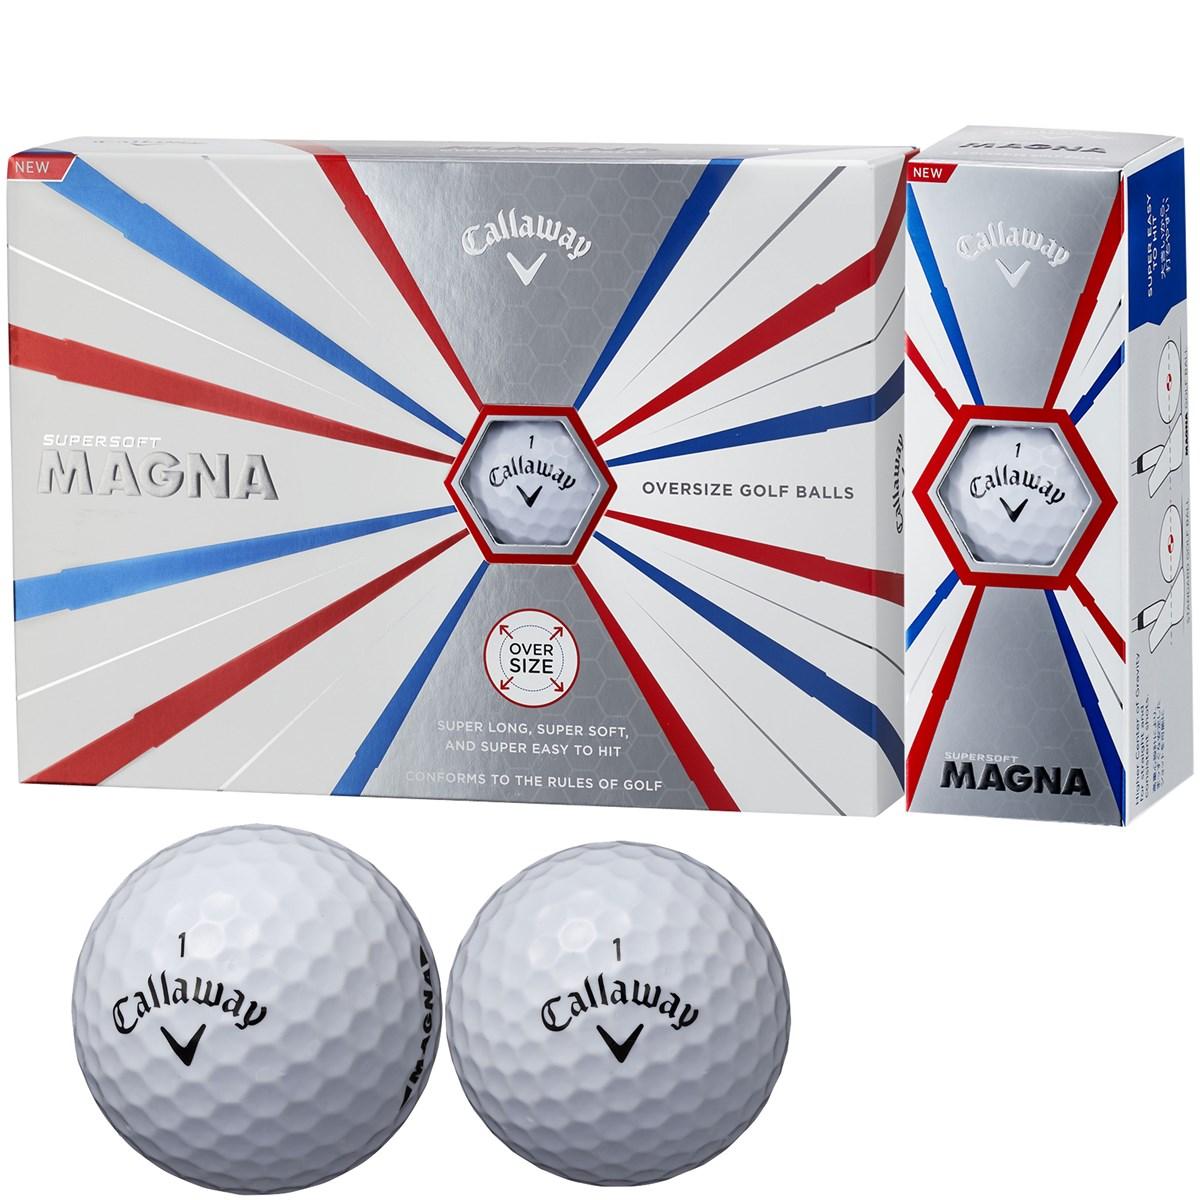 キャロウェイゴルフ(Callaway Golf) SUPERSOFT MAGNA ボール